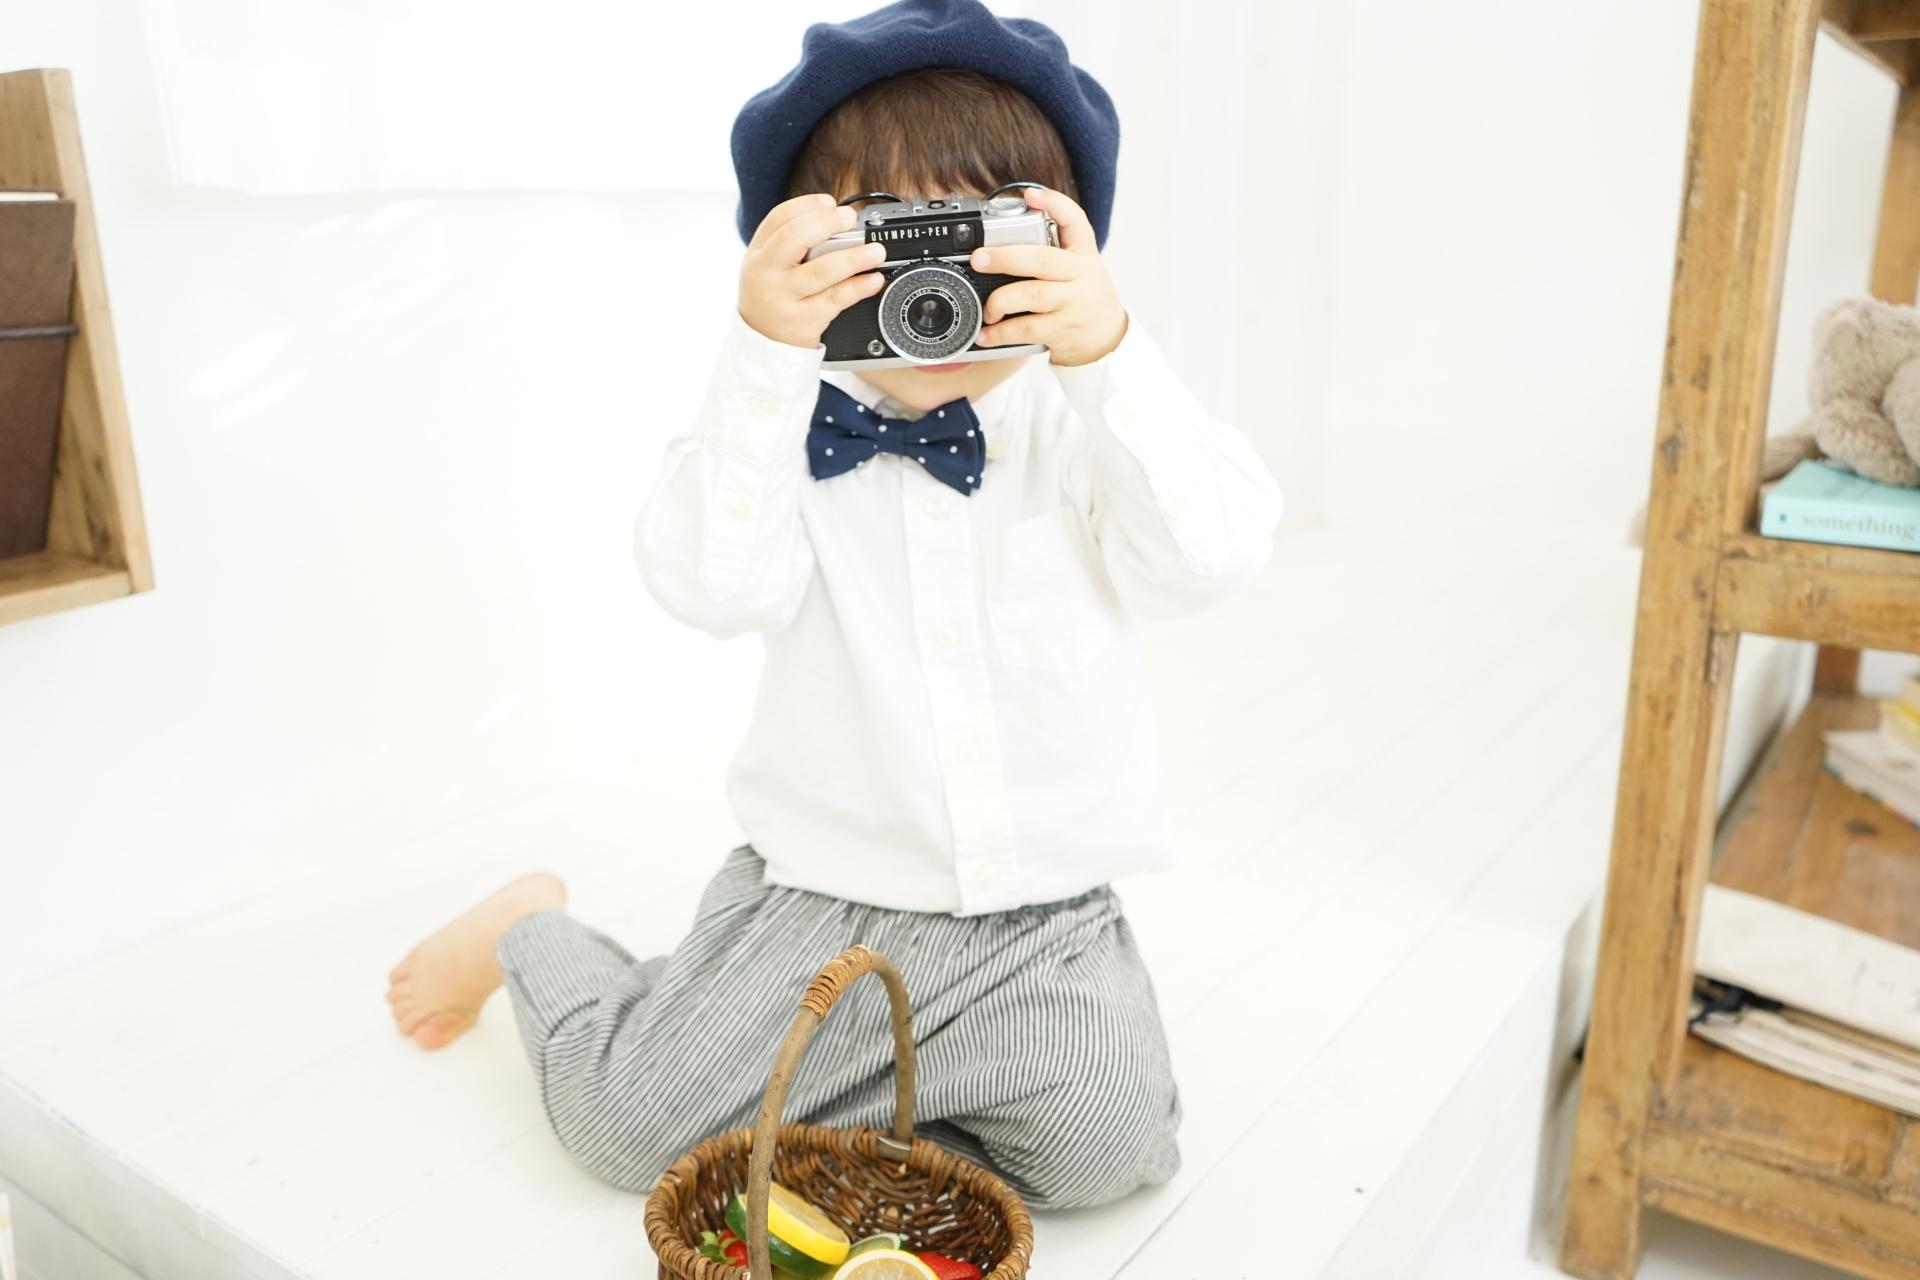 子ども用デジタルカメラのおすすめ3選&選び方【感性を育てる】